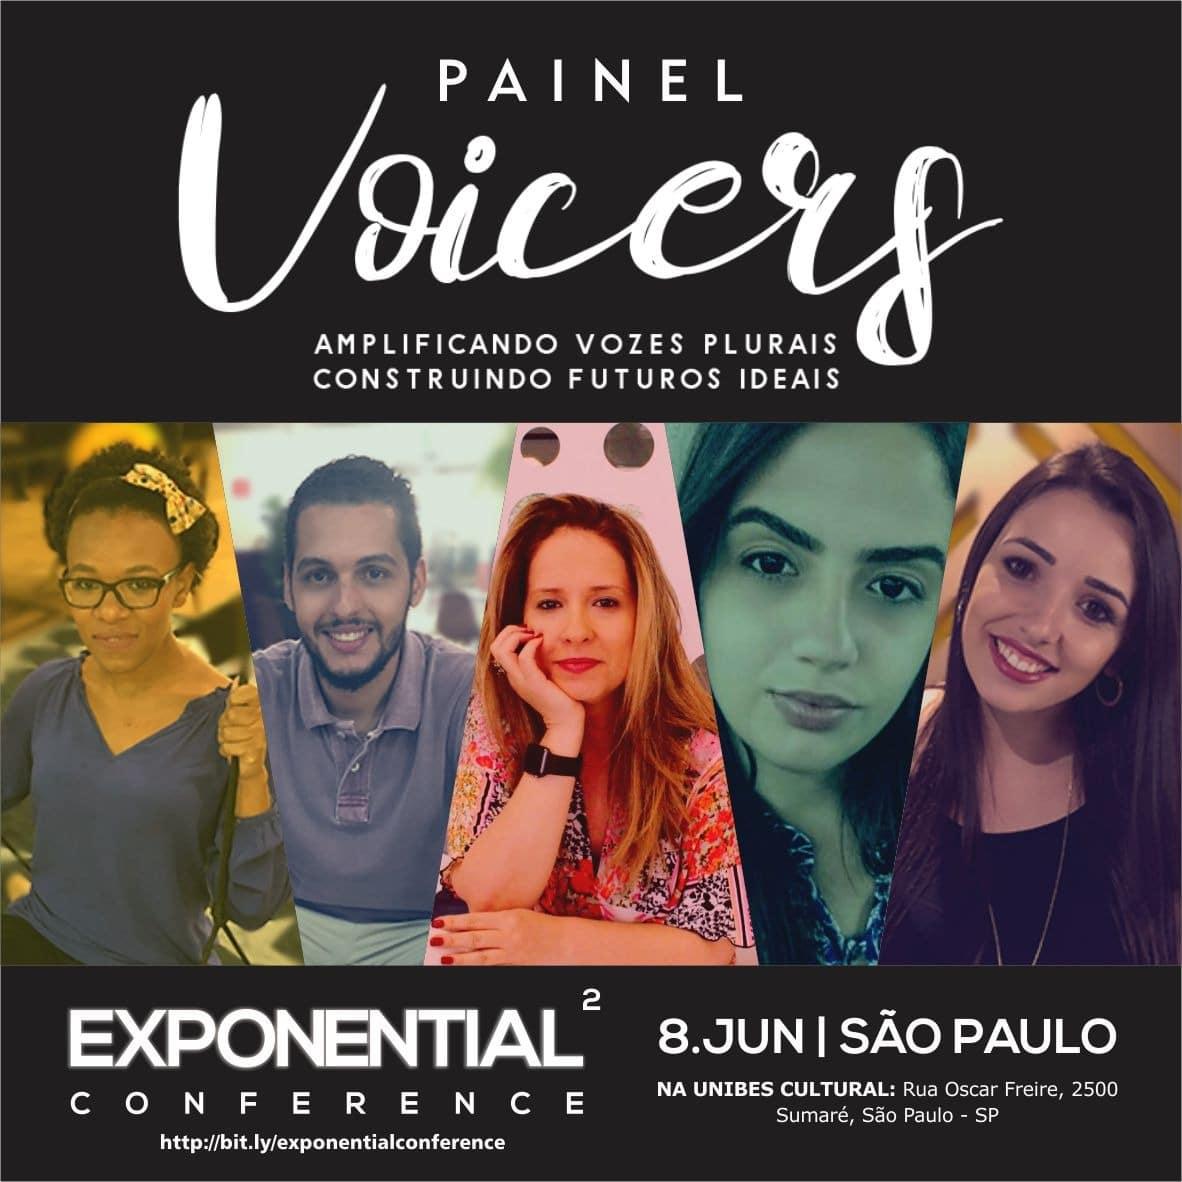 Painel Voicers na Segunda Edição do Exponential Conference